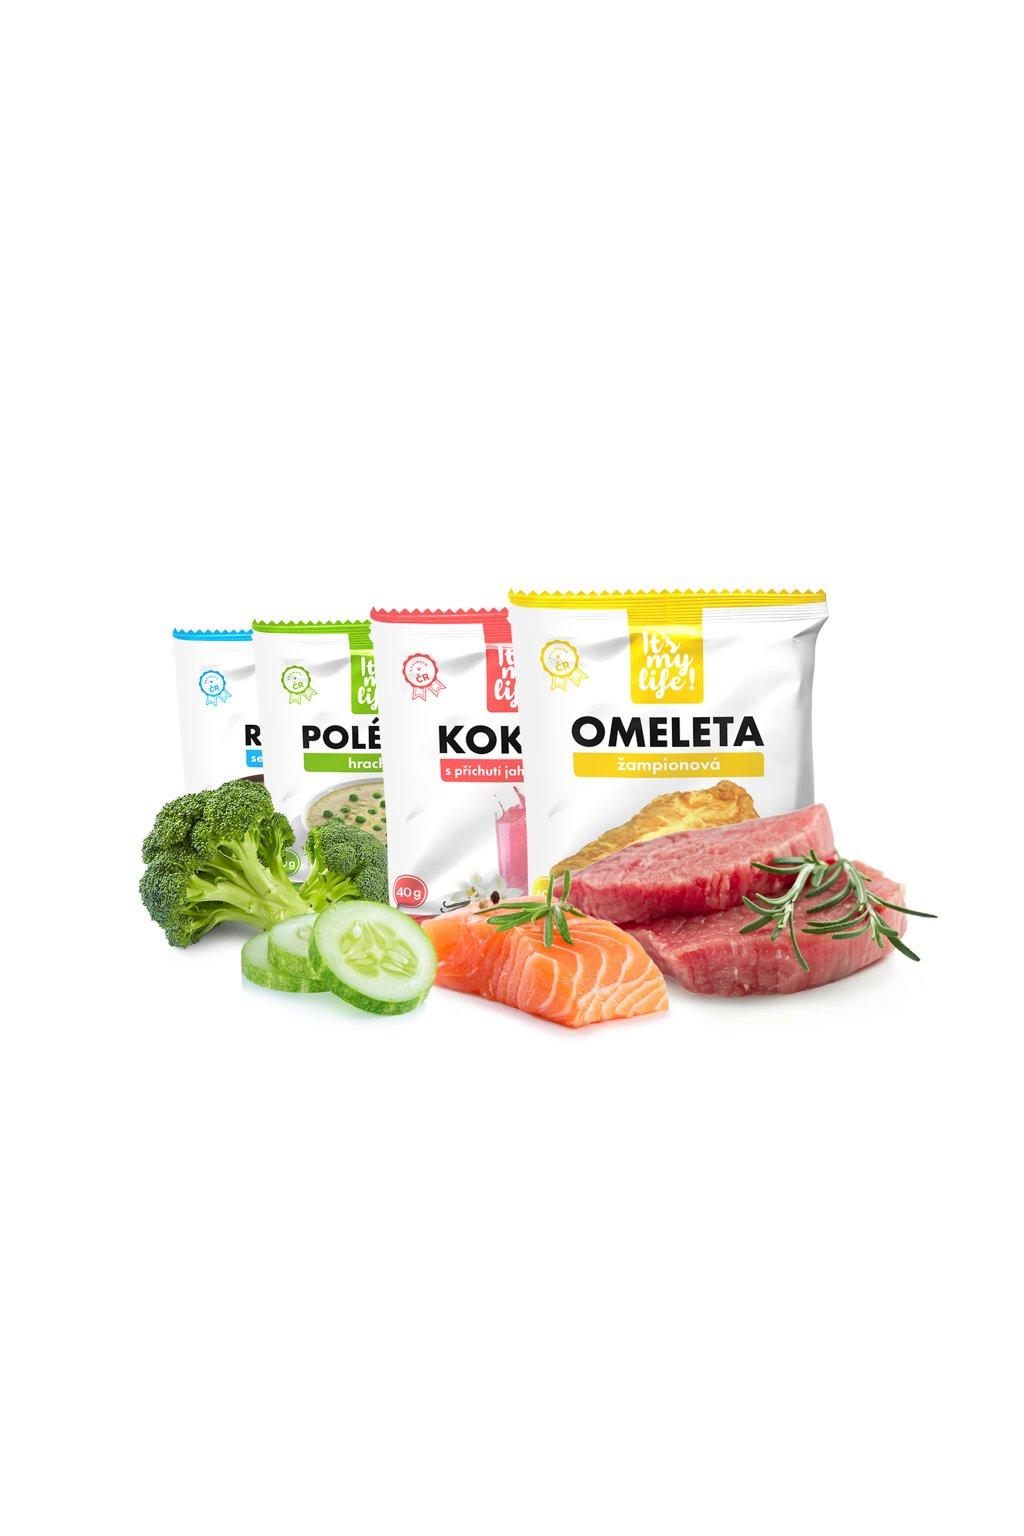 Keto dieta XXL - 3. krok, 5900 g (140 porcií)